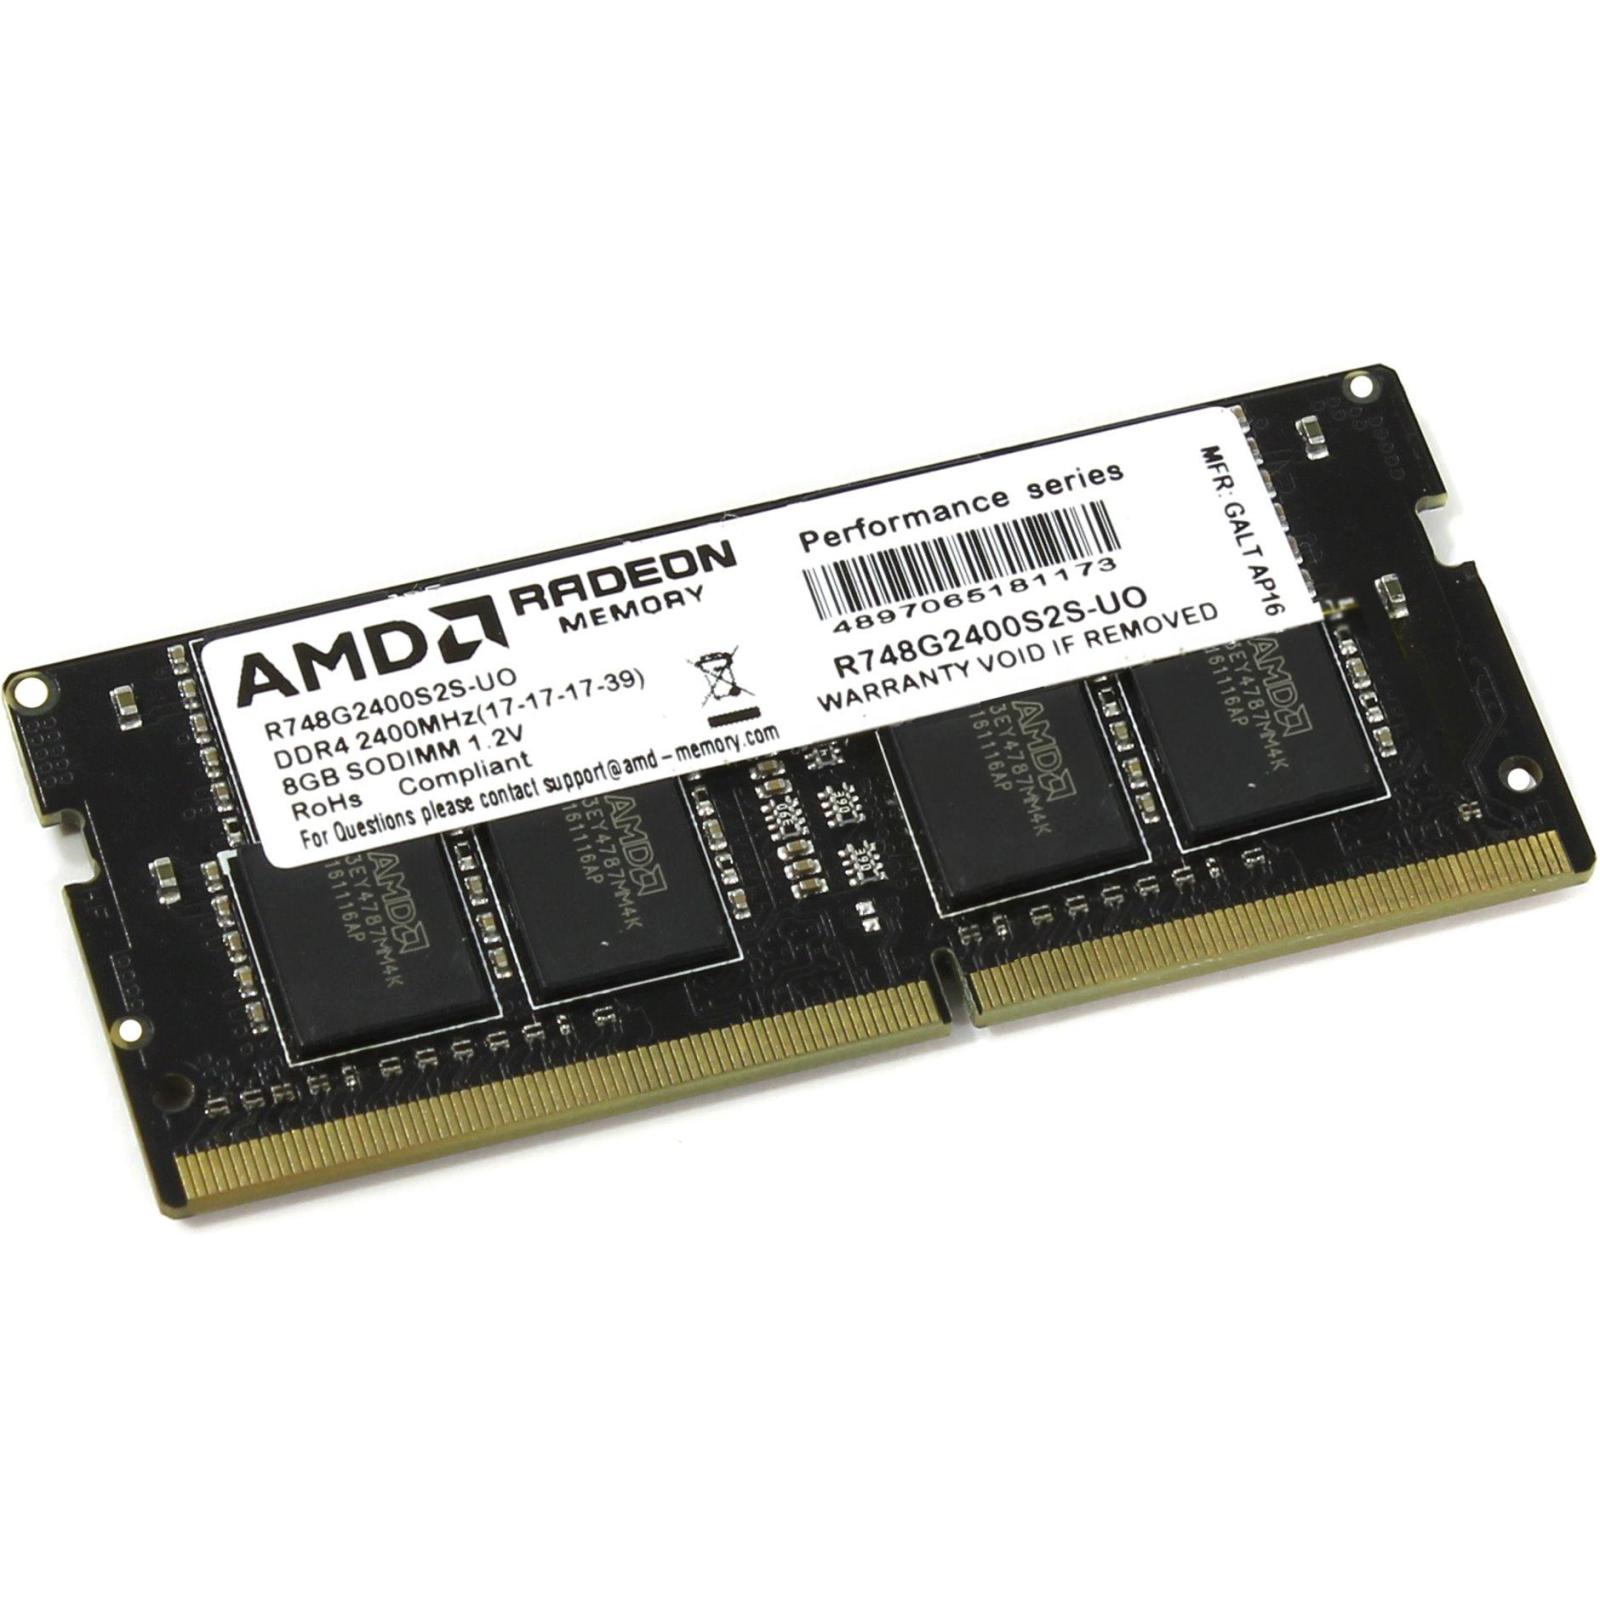 Модуль памяти для ноутбука SoDIMM DDR4 8GB 2400 MHz Radeon AMD (R748G2400S2S-UO)